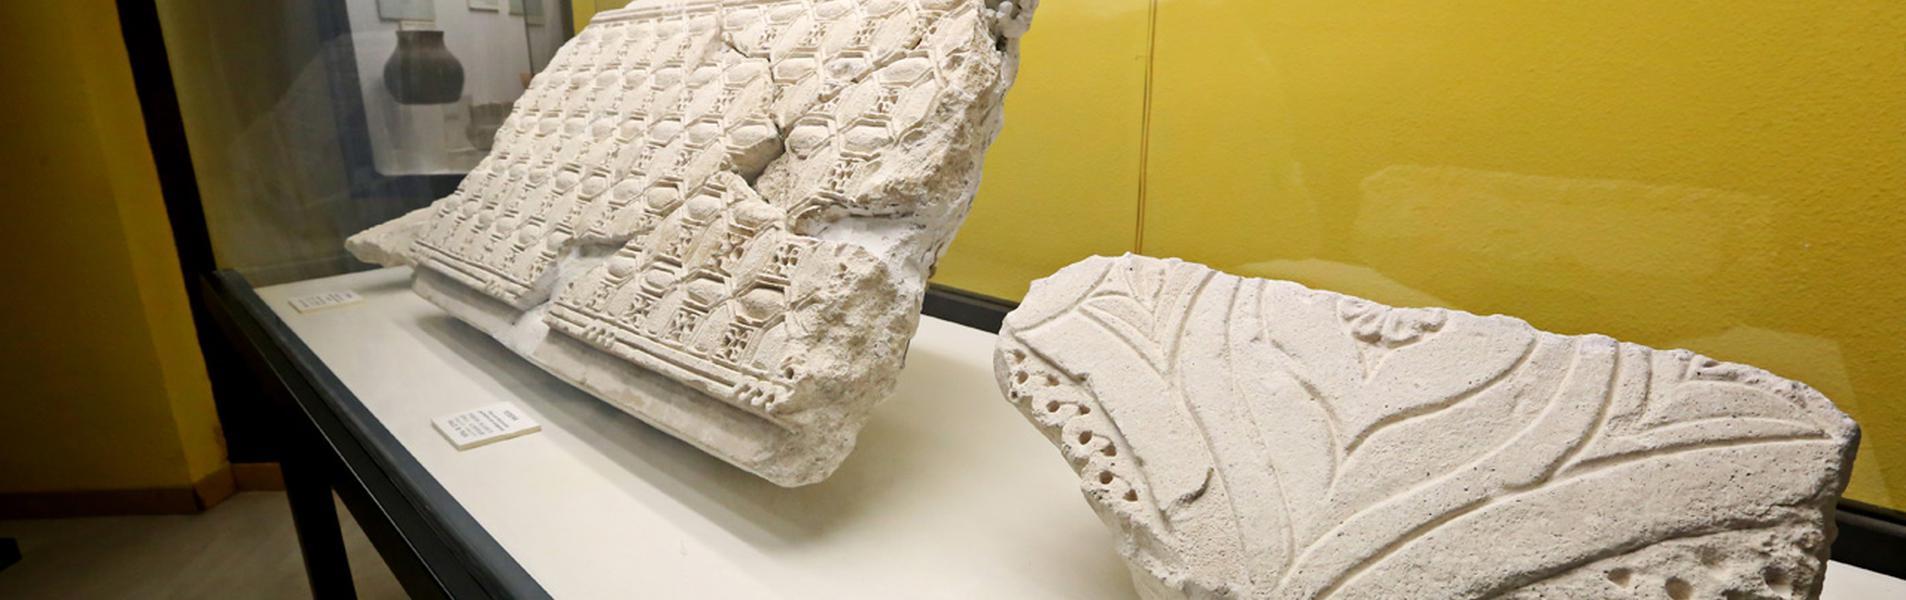 Museo Arqueológico y Etnográfico Dámaso Navarro